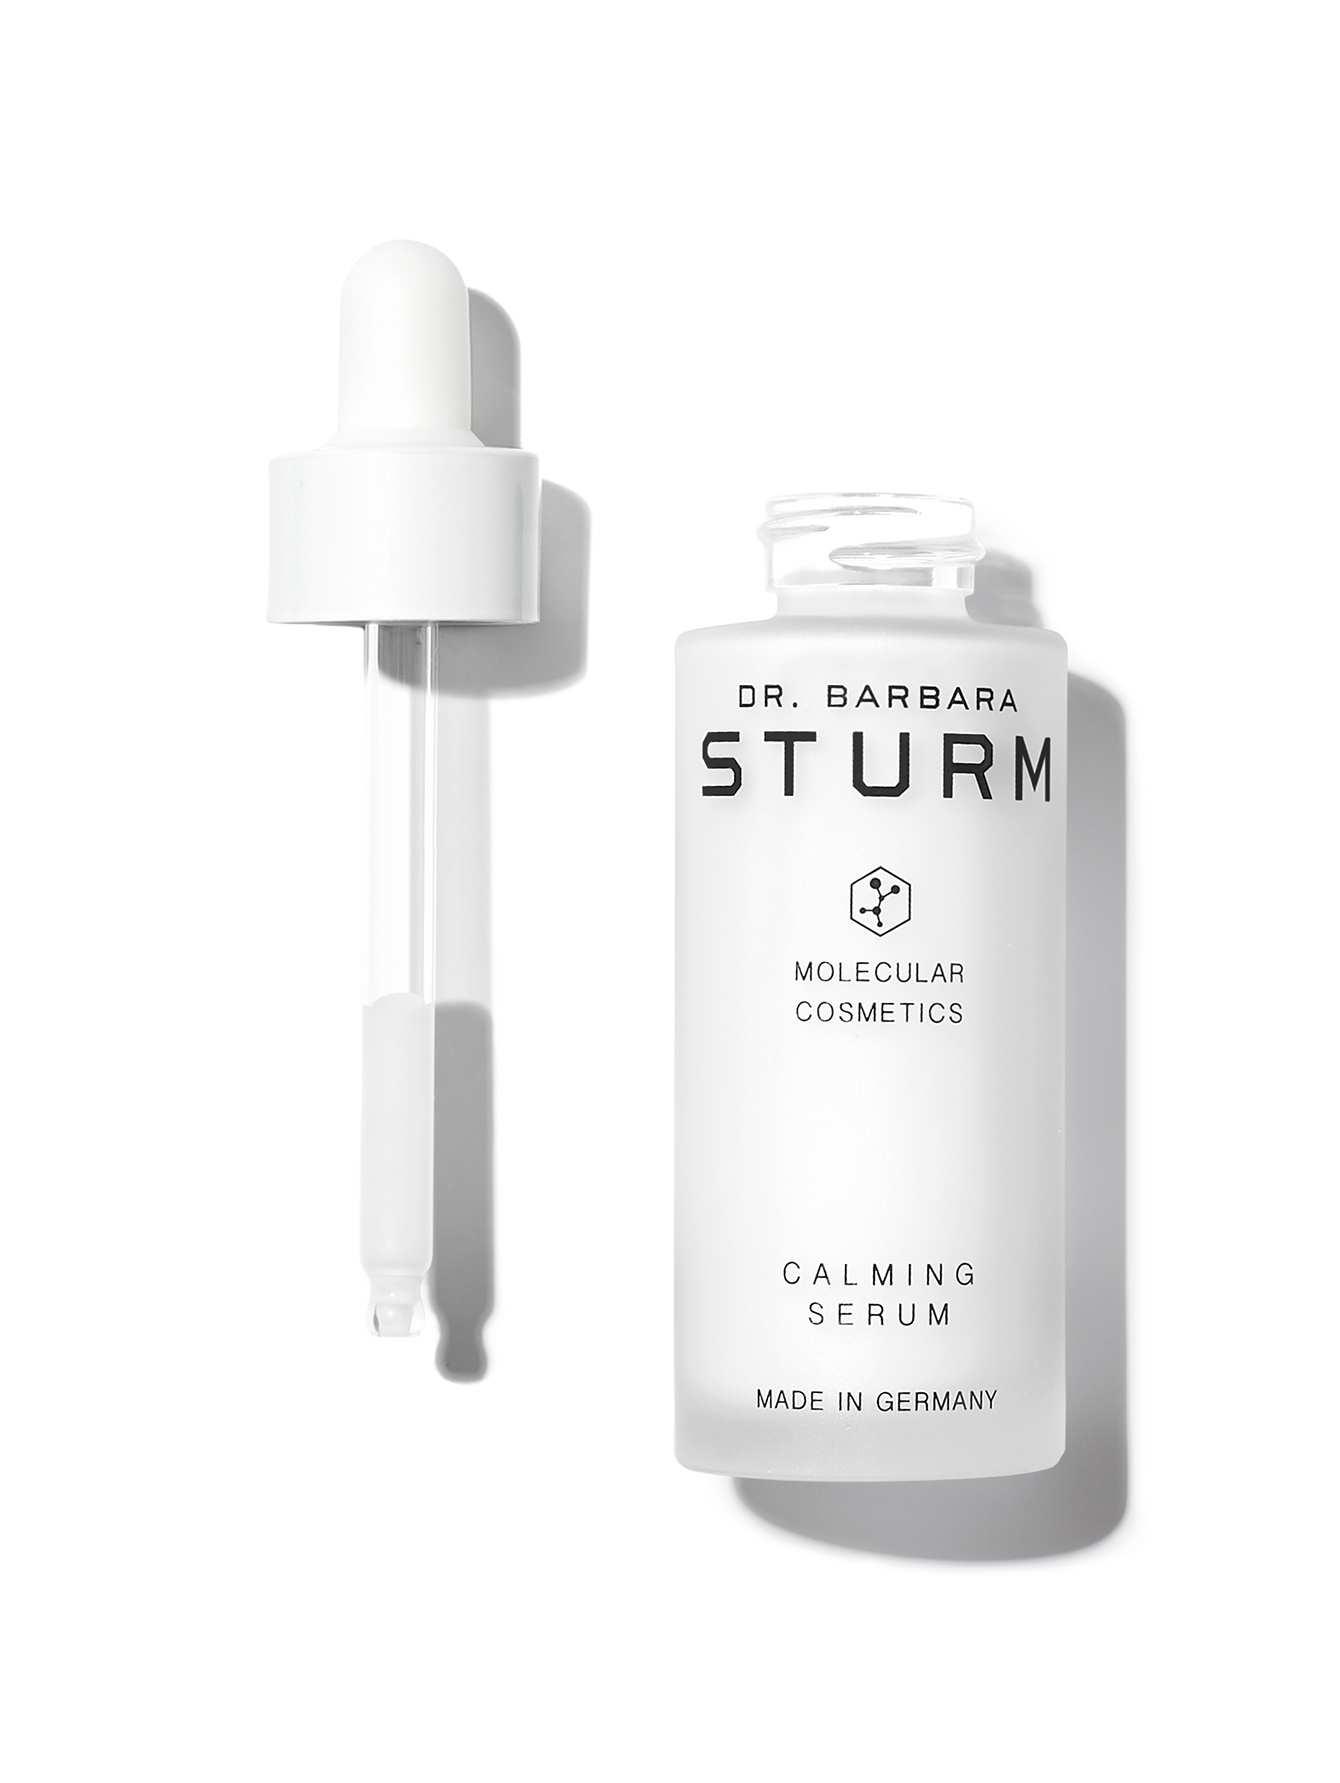 Сыворотка Calming Serum для лица успокаивающая 30 мл Face Care